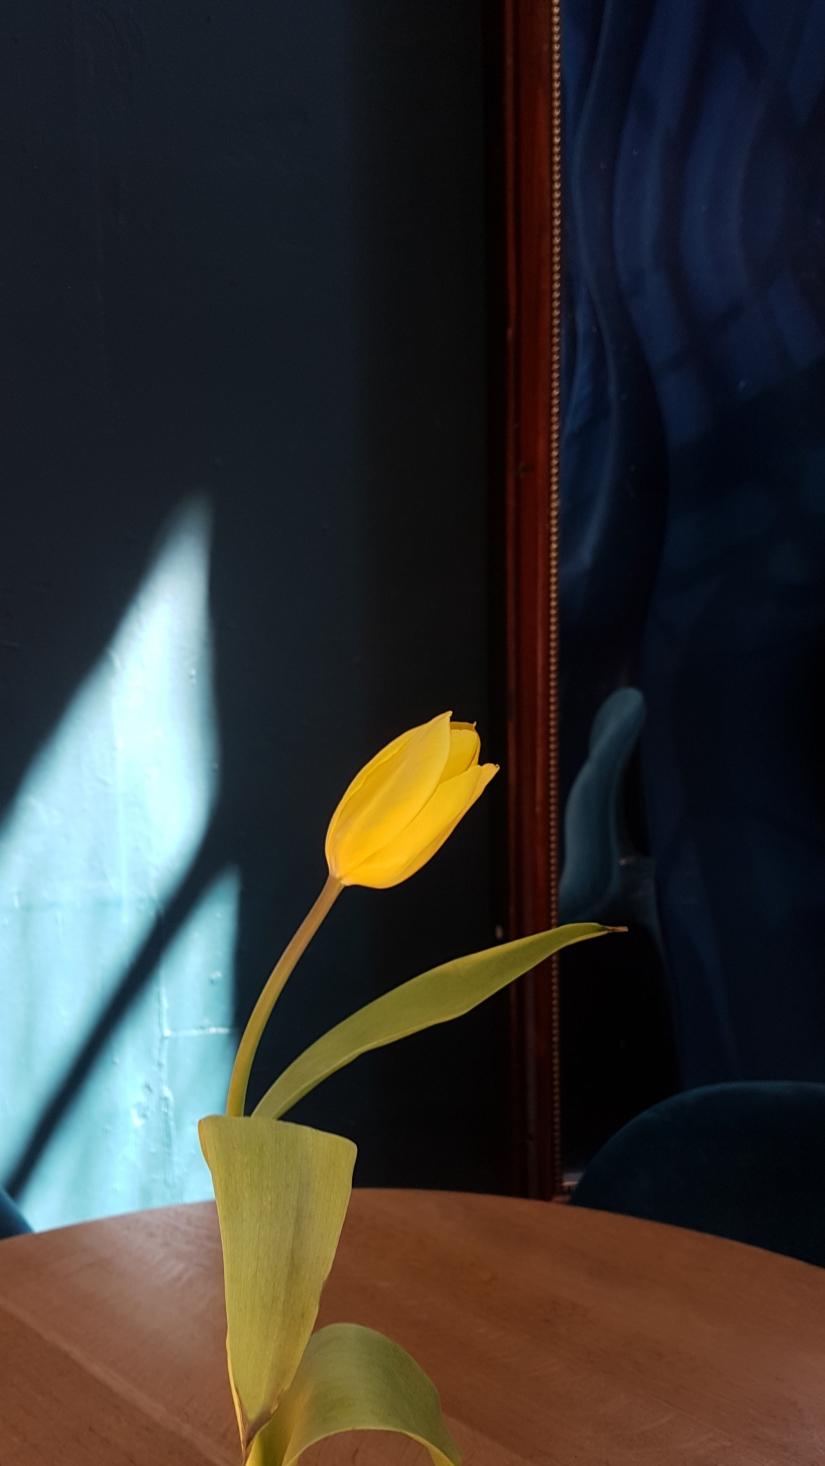 Il tulipano giallo